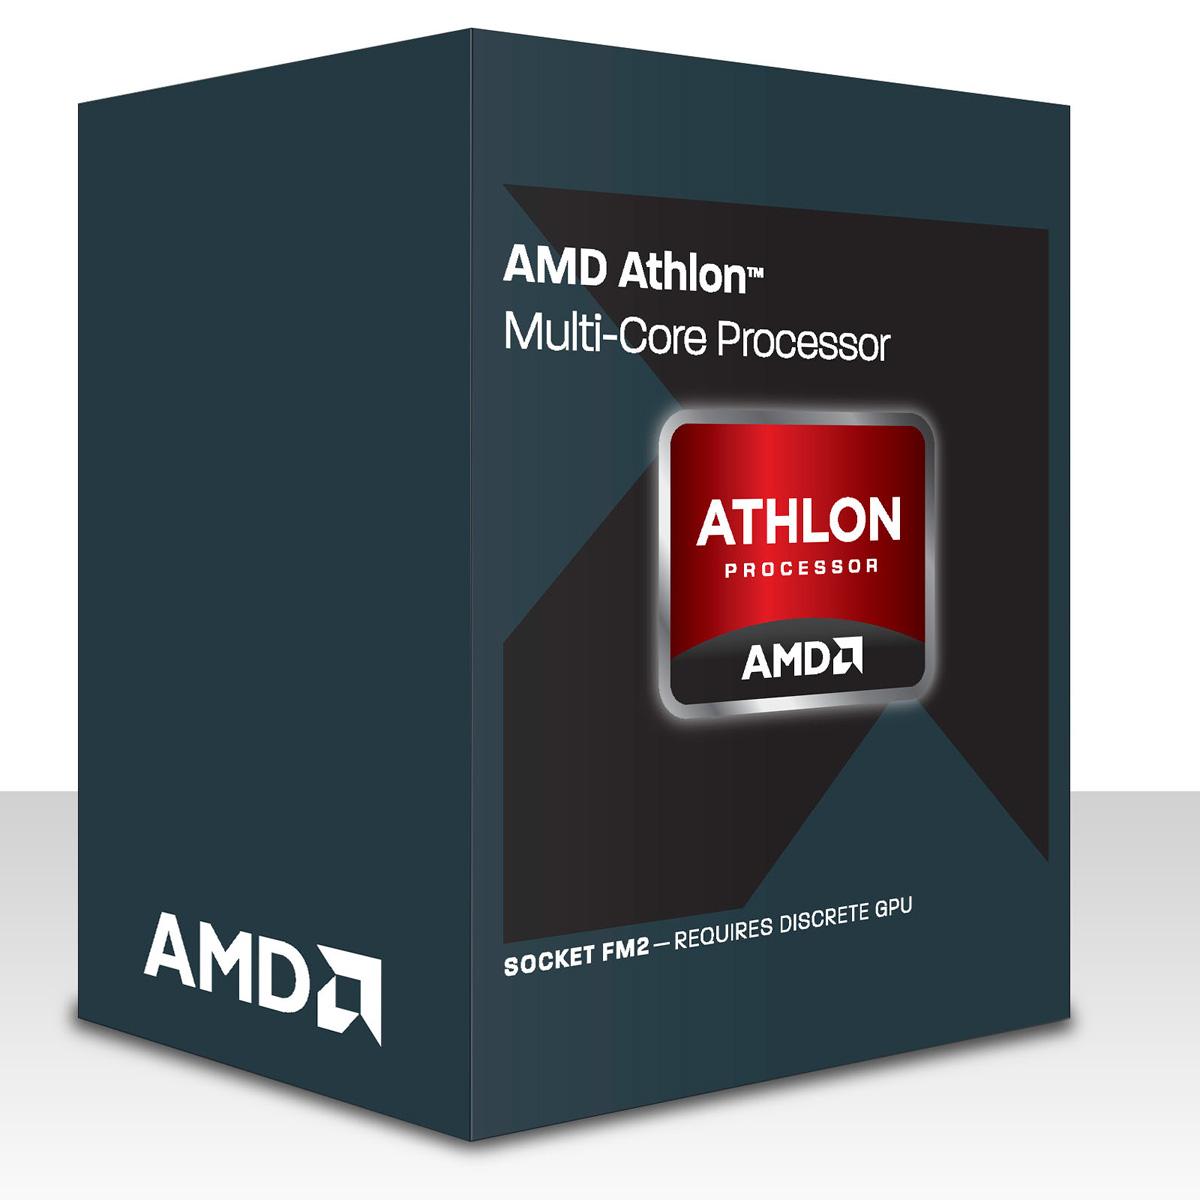 Processeur AMD Athlon X2 370K (4.0 GHz) Black Edition Processeur Dual Core Socket FM2 0.032 micron Cache L2 1 Mo (version boîte - garantie constructeur 3 ans)